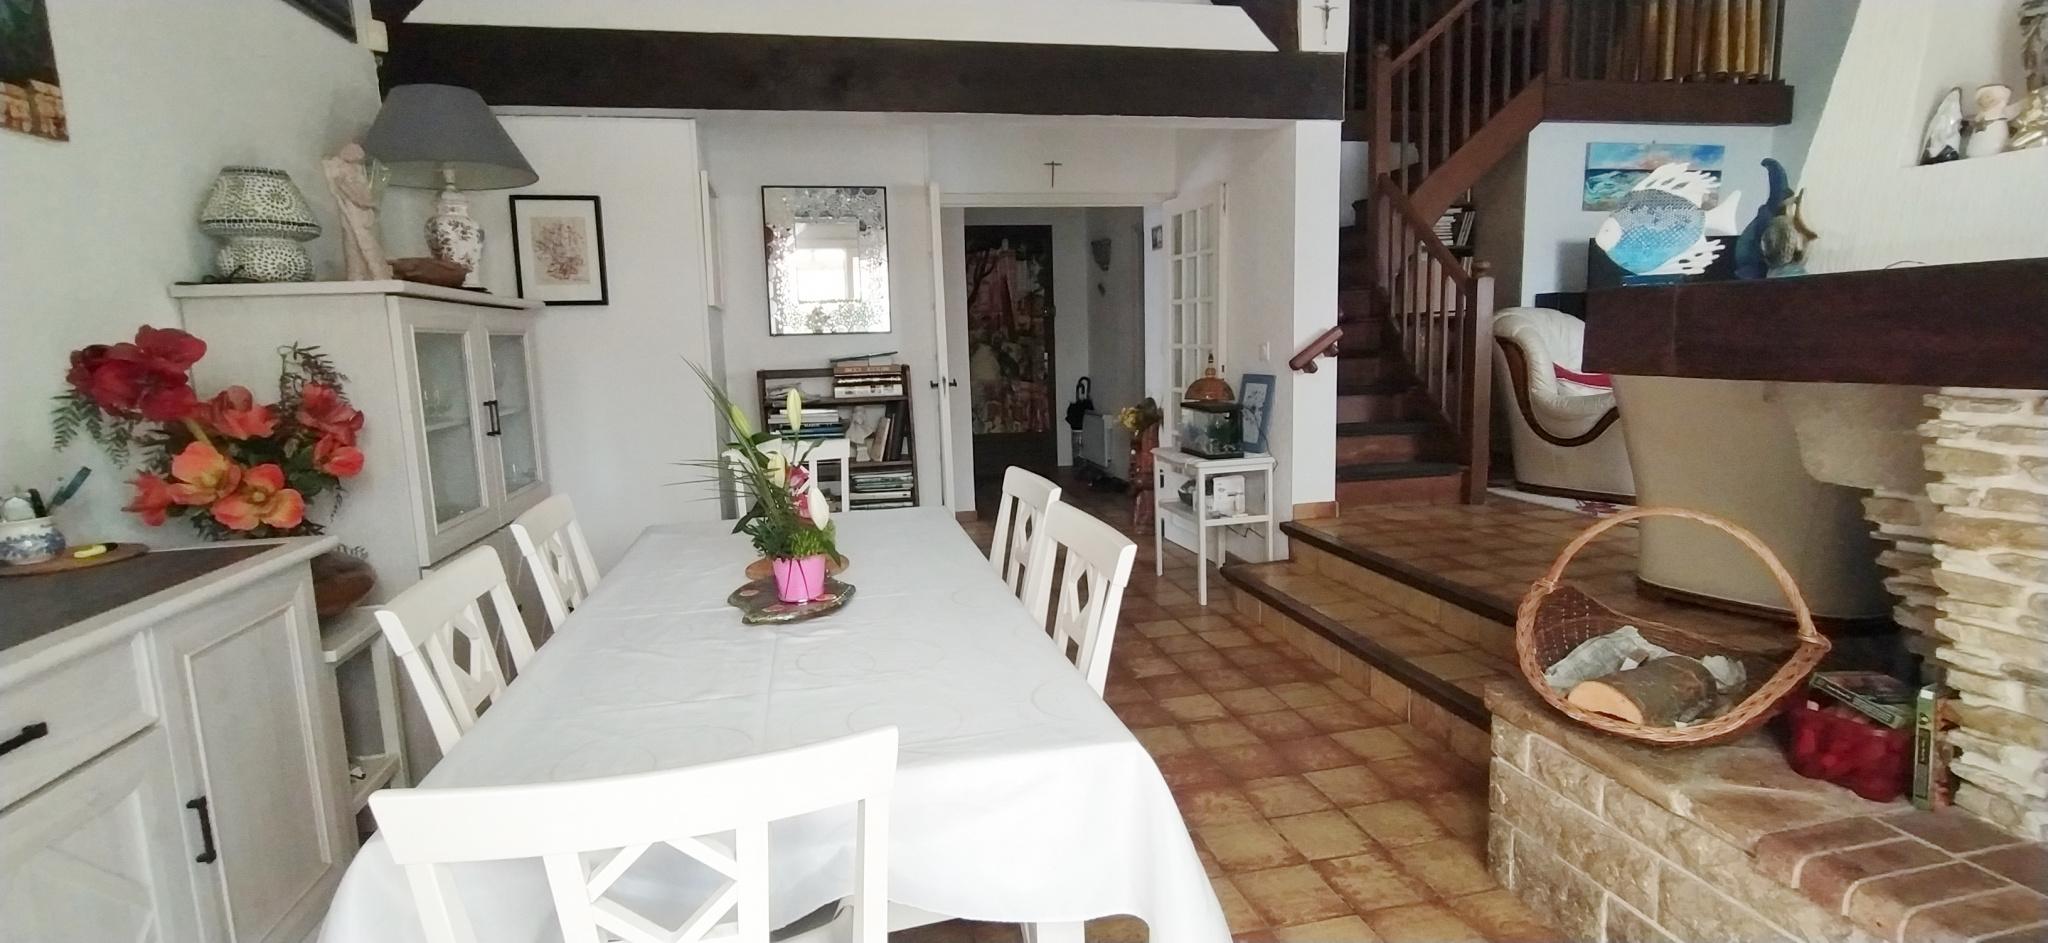 À vendre maison/villa de 140m2 à argeles sur mer (66700) - Photo 13'